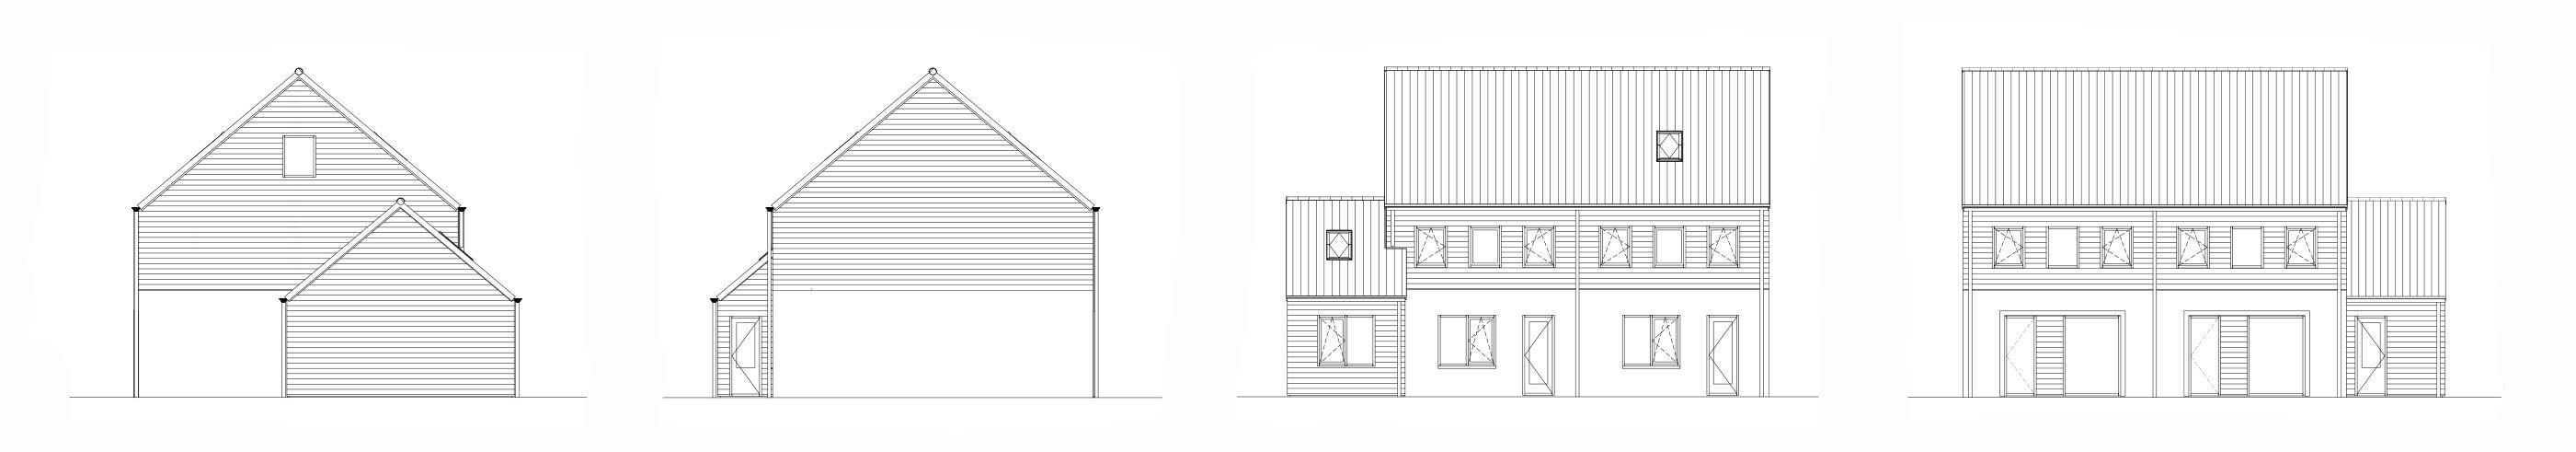 Geveltekeningen woningen blok C -Zijderlaan Polsbroek